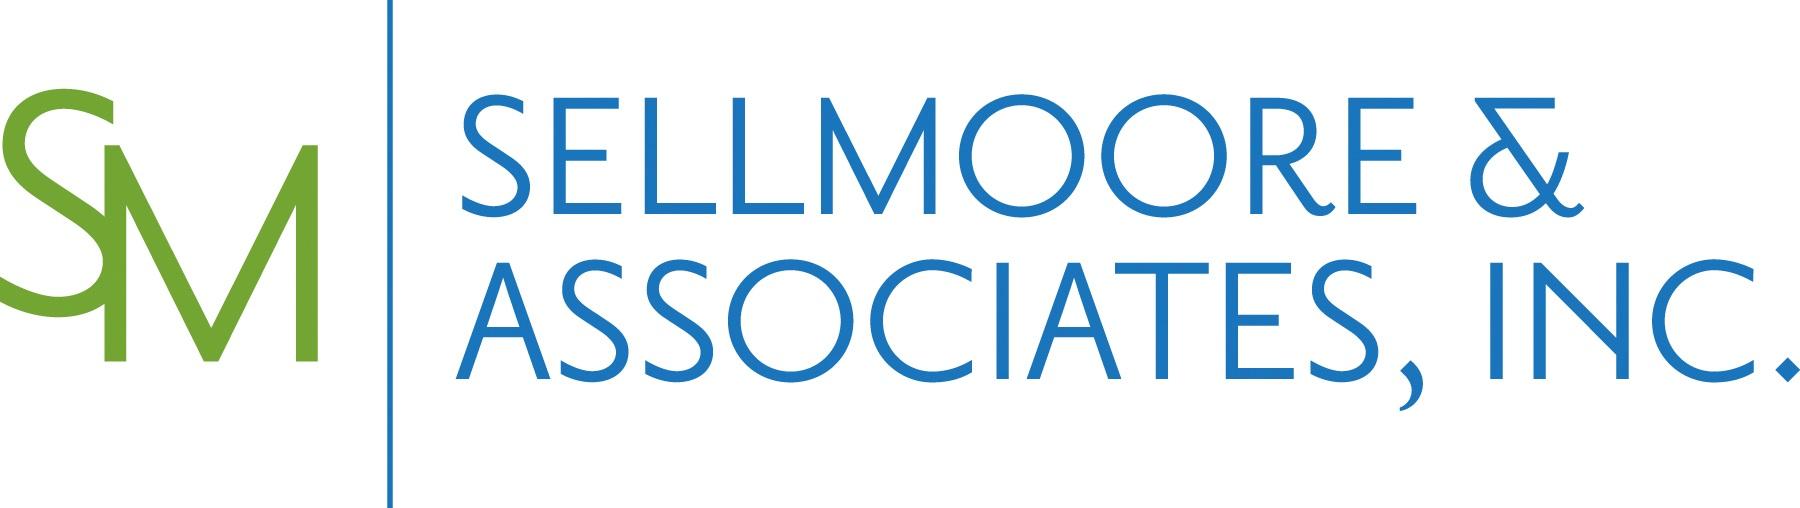 Carolyn Moore Washington Sell Moore Homes